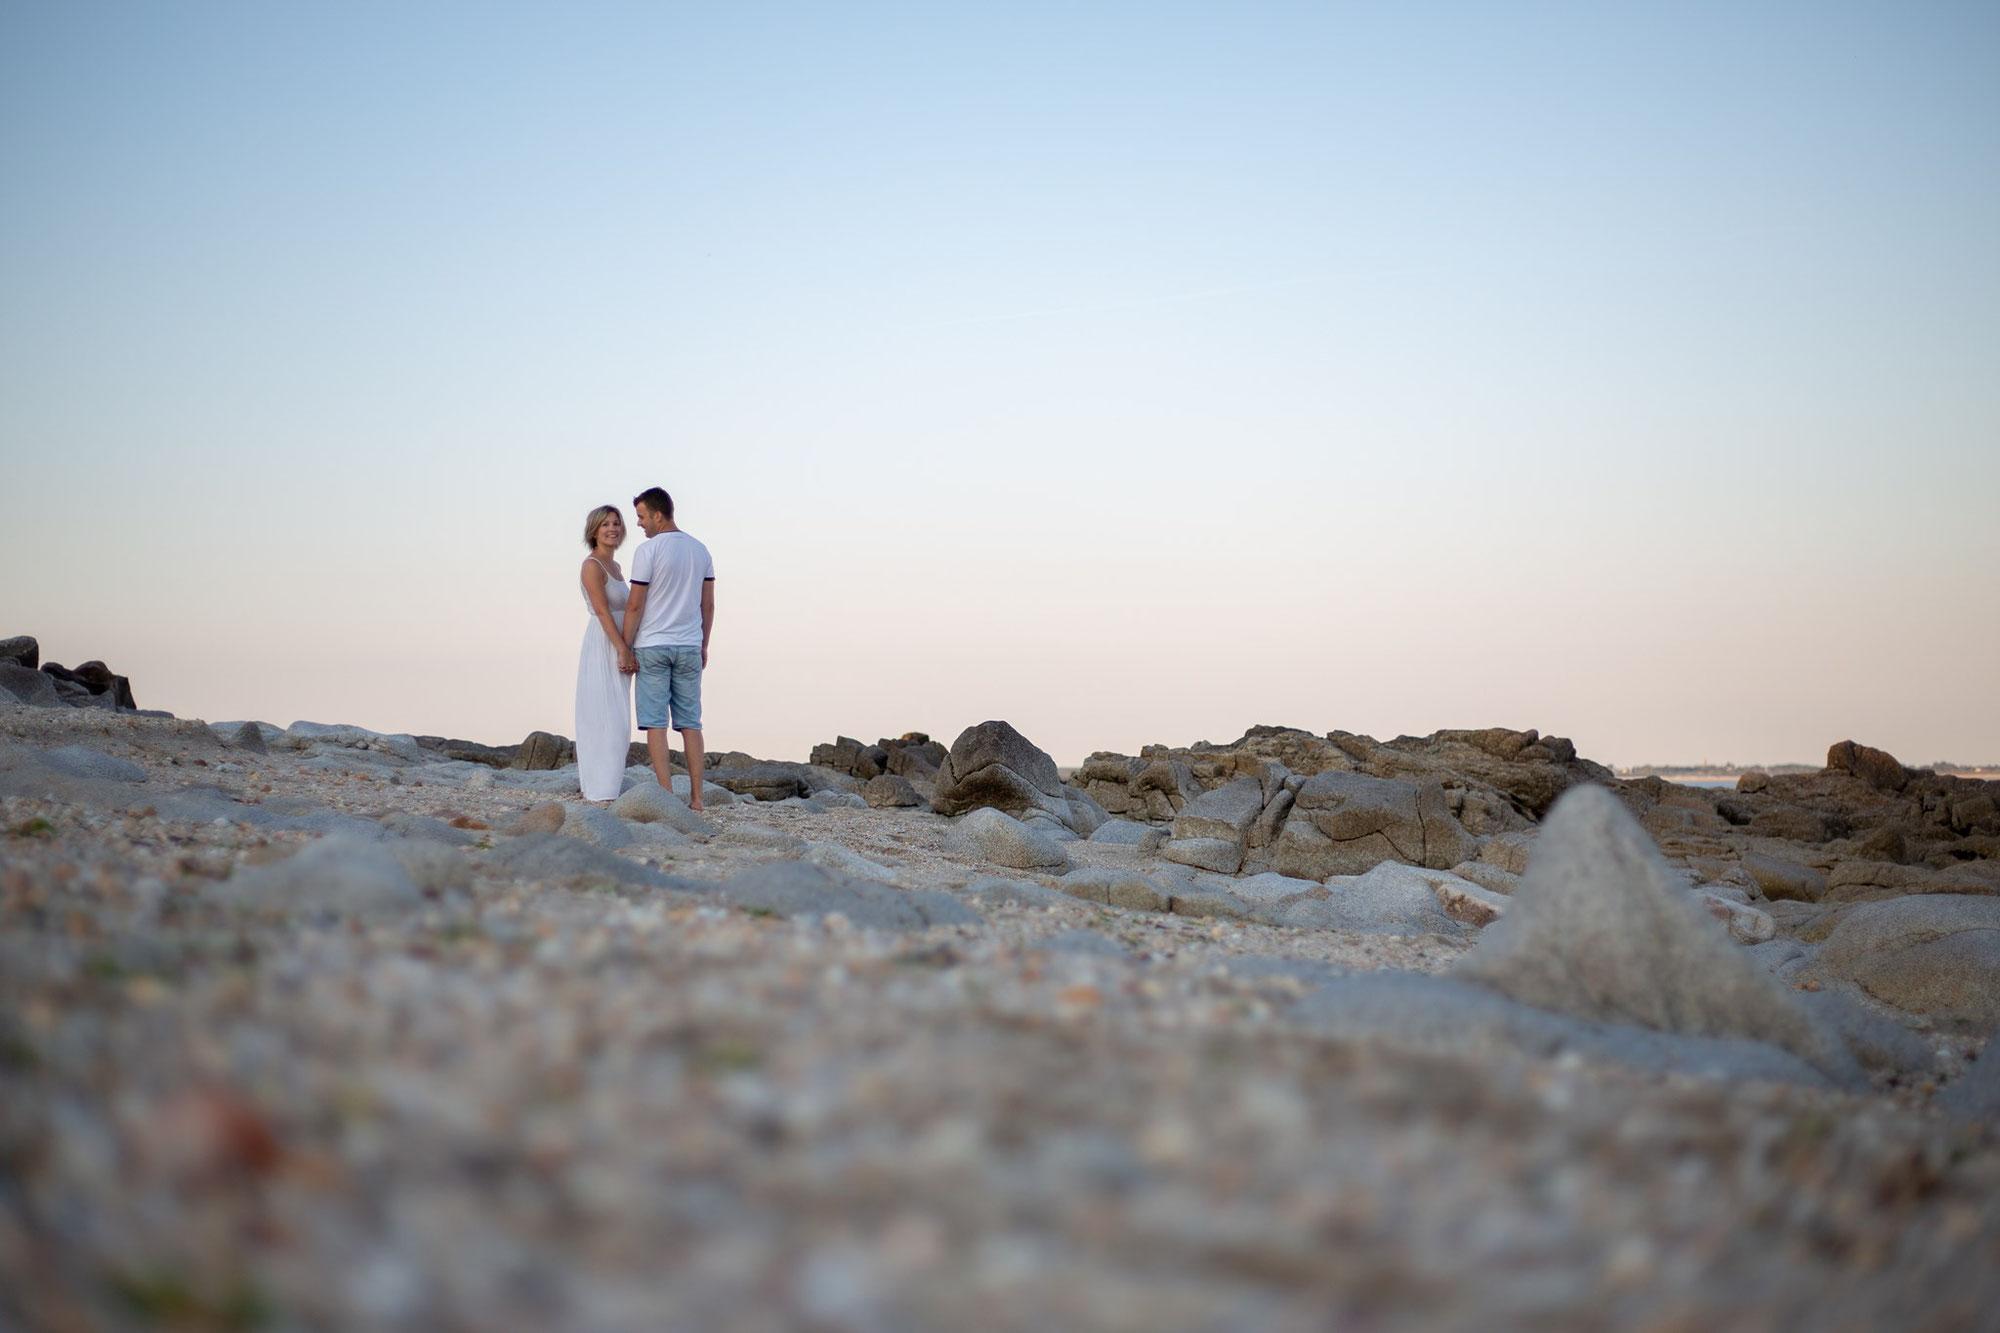 En février, on célèbre l'amour avec des jolies séances photos de couple